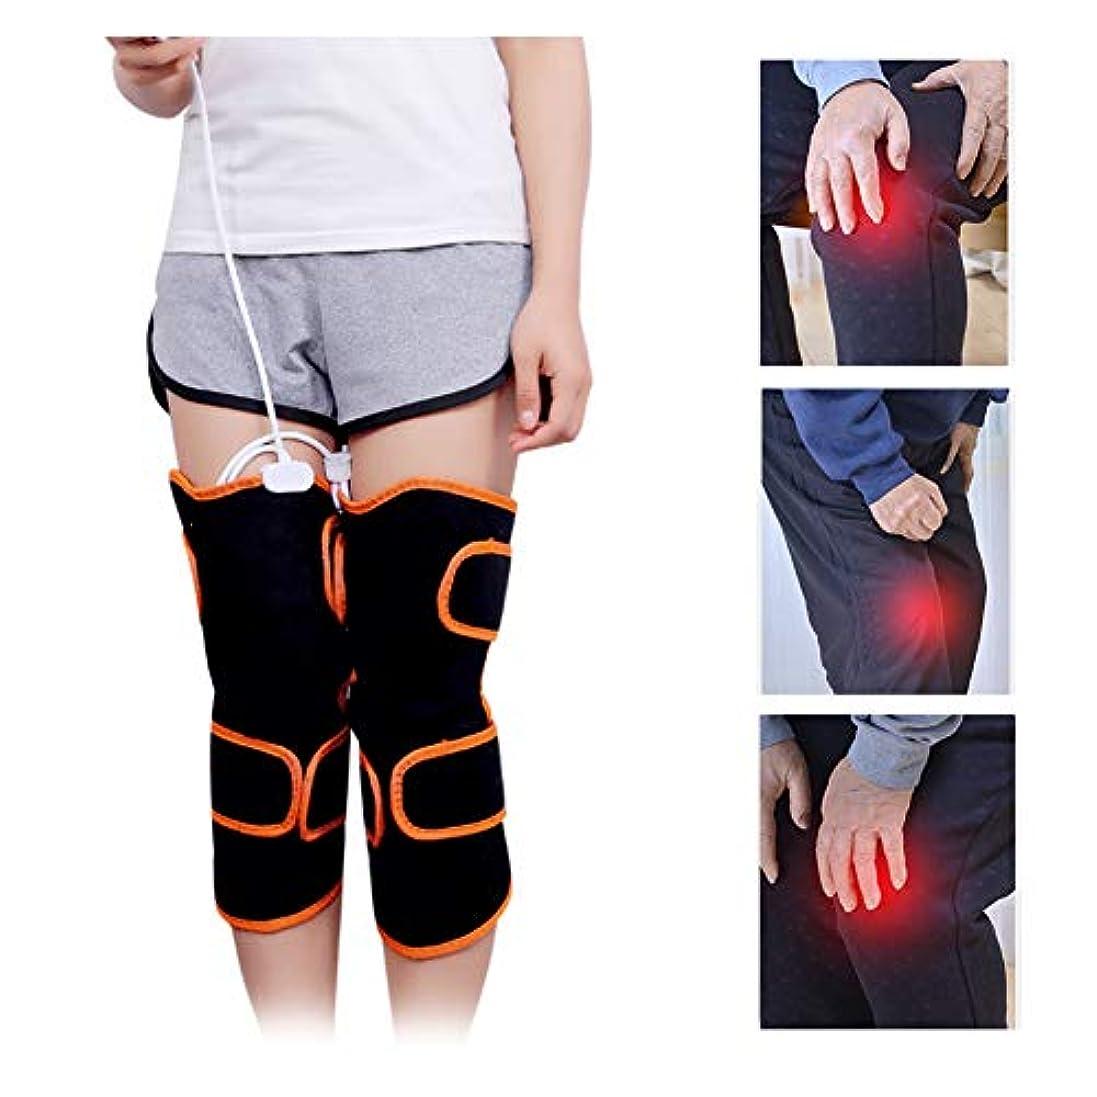 受付アクチュエータ悪夢9種類のマッサージモードと5種類の速度の膝温熱パッド付き加熱膝装具-膝の怪我、痛みを軽減するセラピーラップマッサージャー